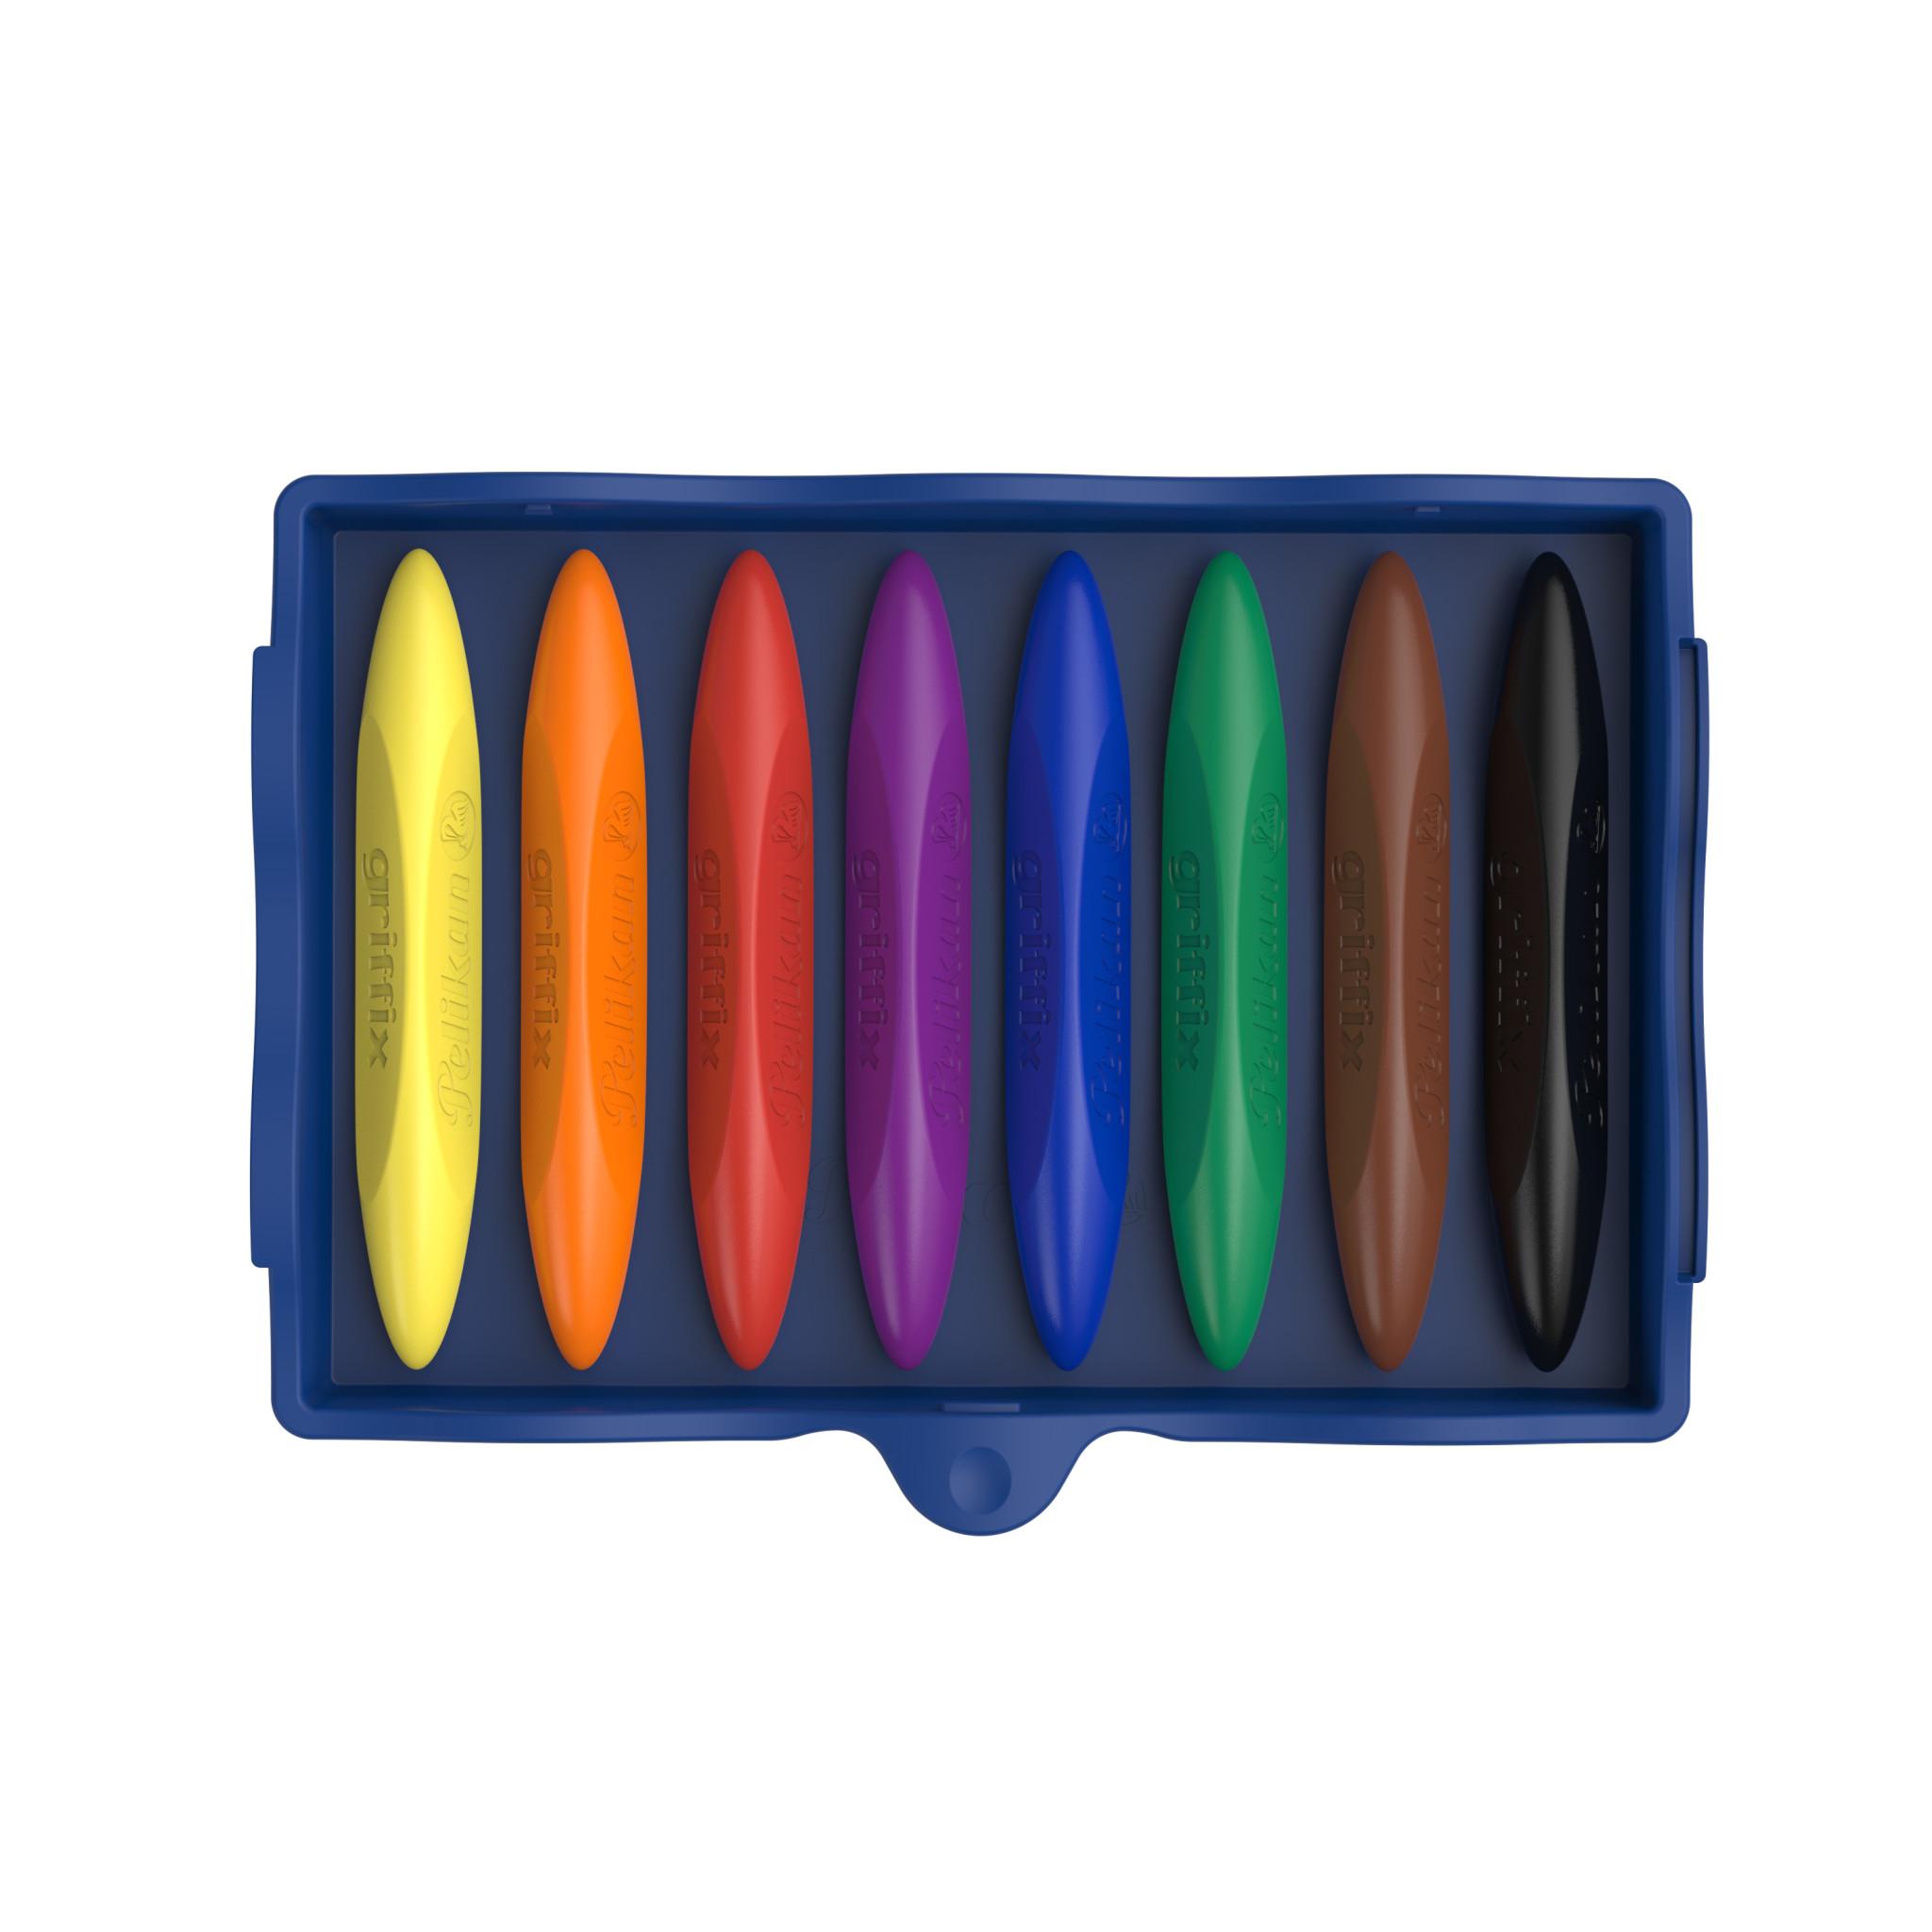 Pelikan Kreativfabrik Griffix - 8 Stück(e) - Schwarz - Blau - Braun - Grün - Orange - Rot - Violett - Gelb - Dreieck - Wachs - Junge/Mädchen